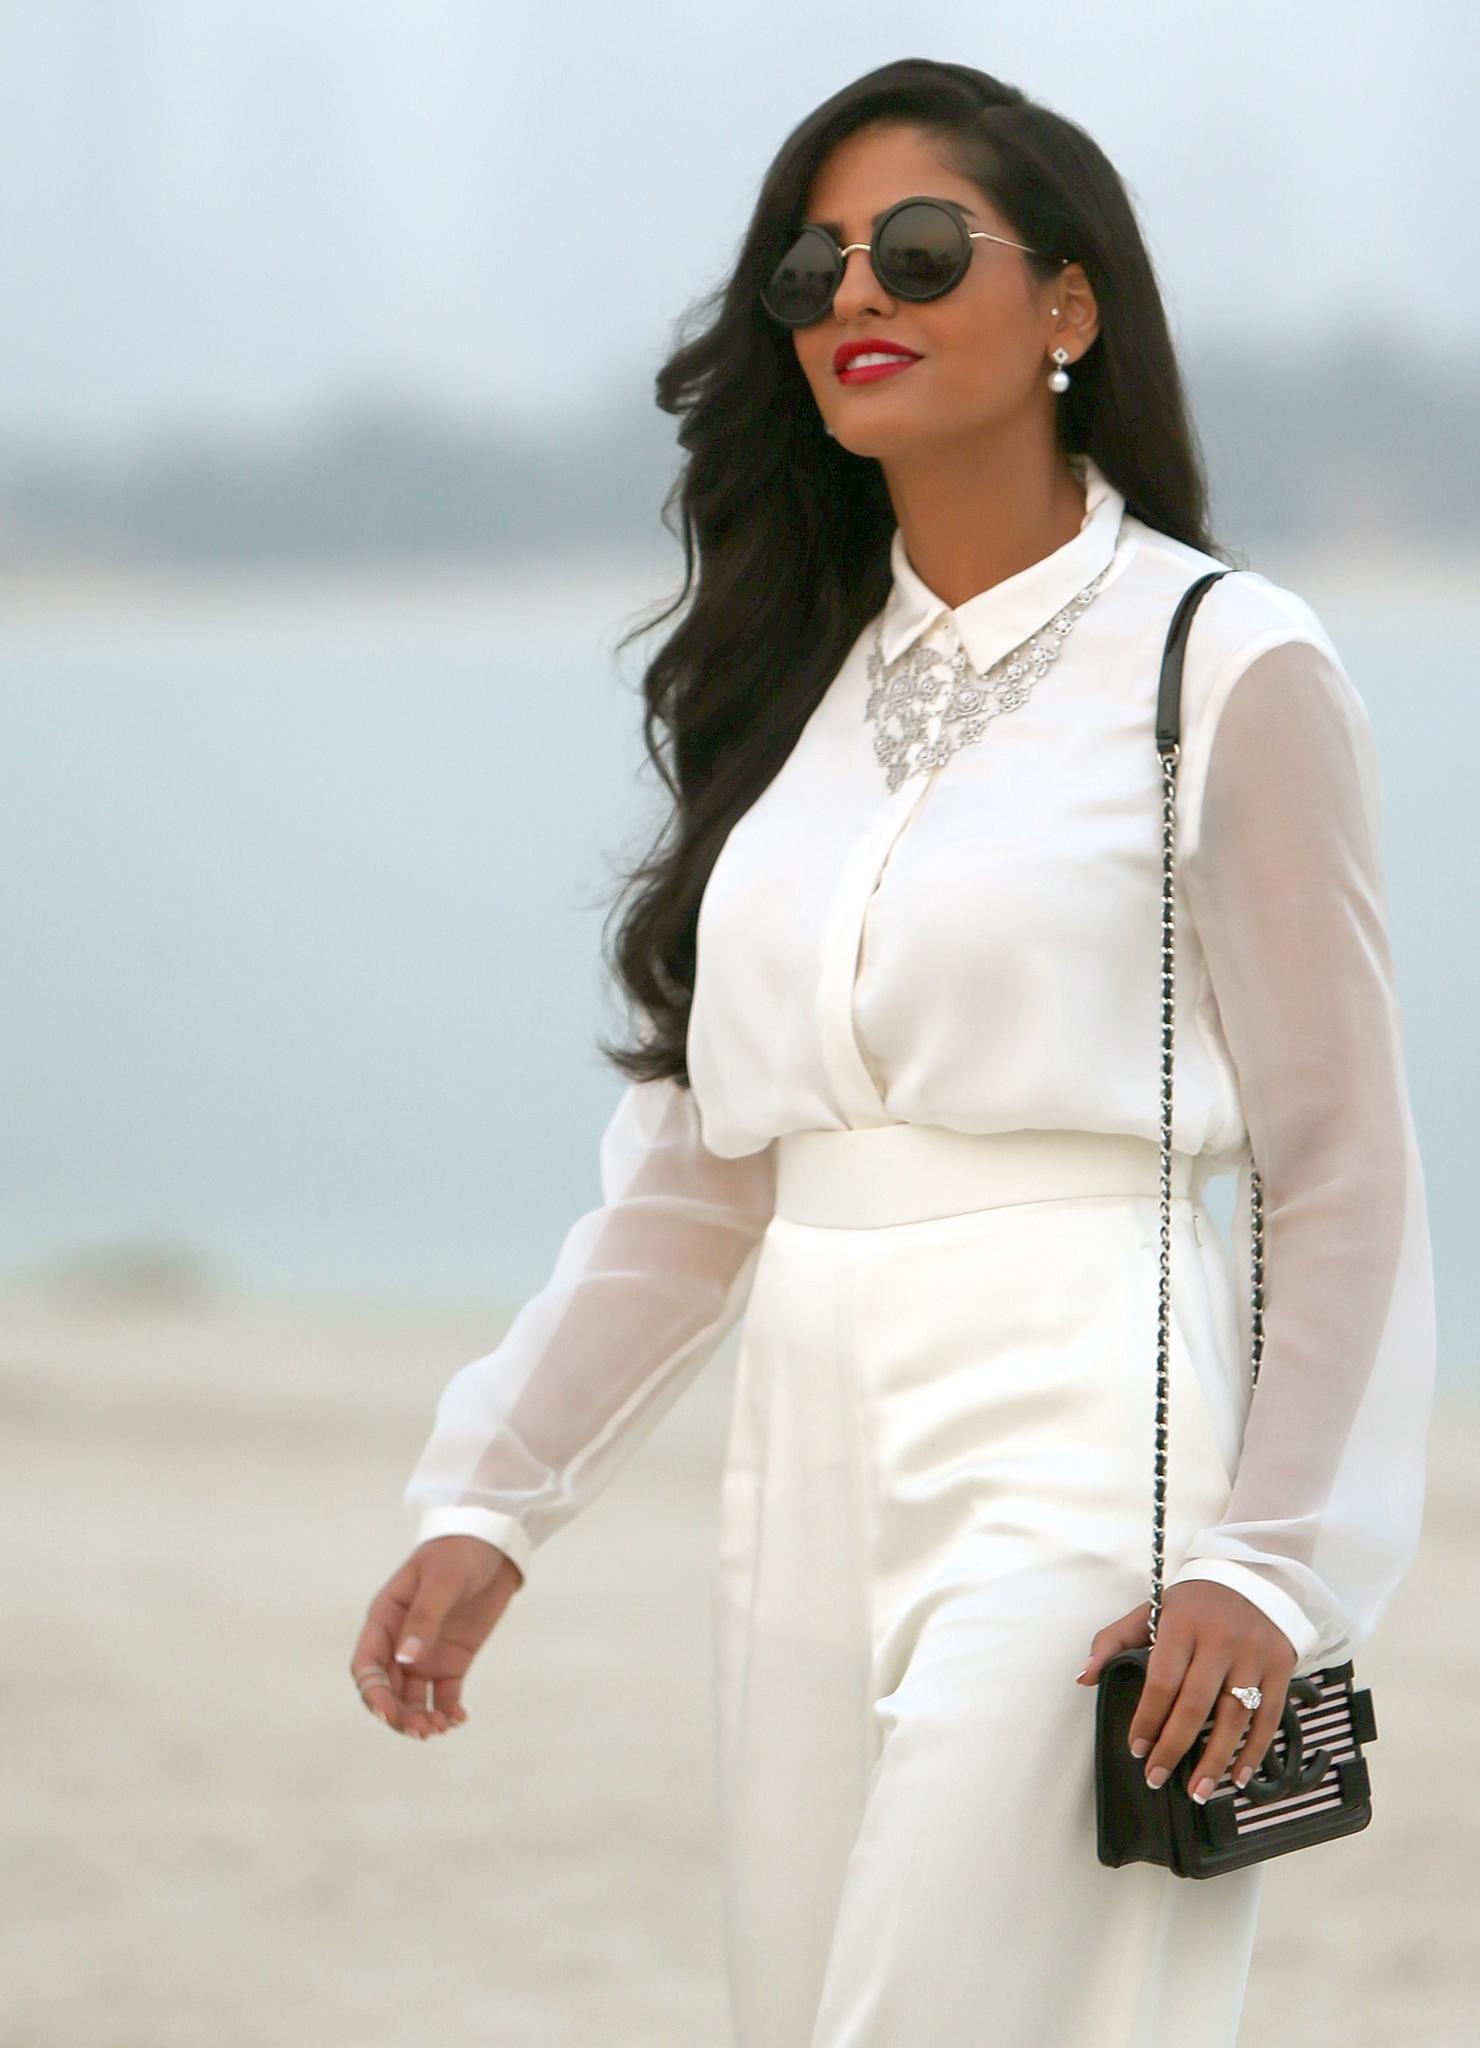 PrinzessinAmeerah al-Taweel